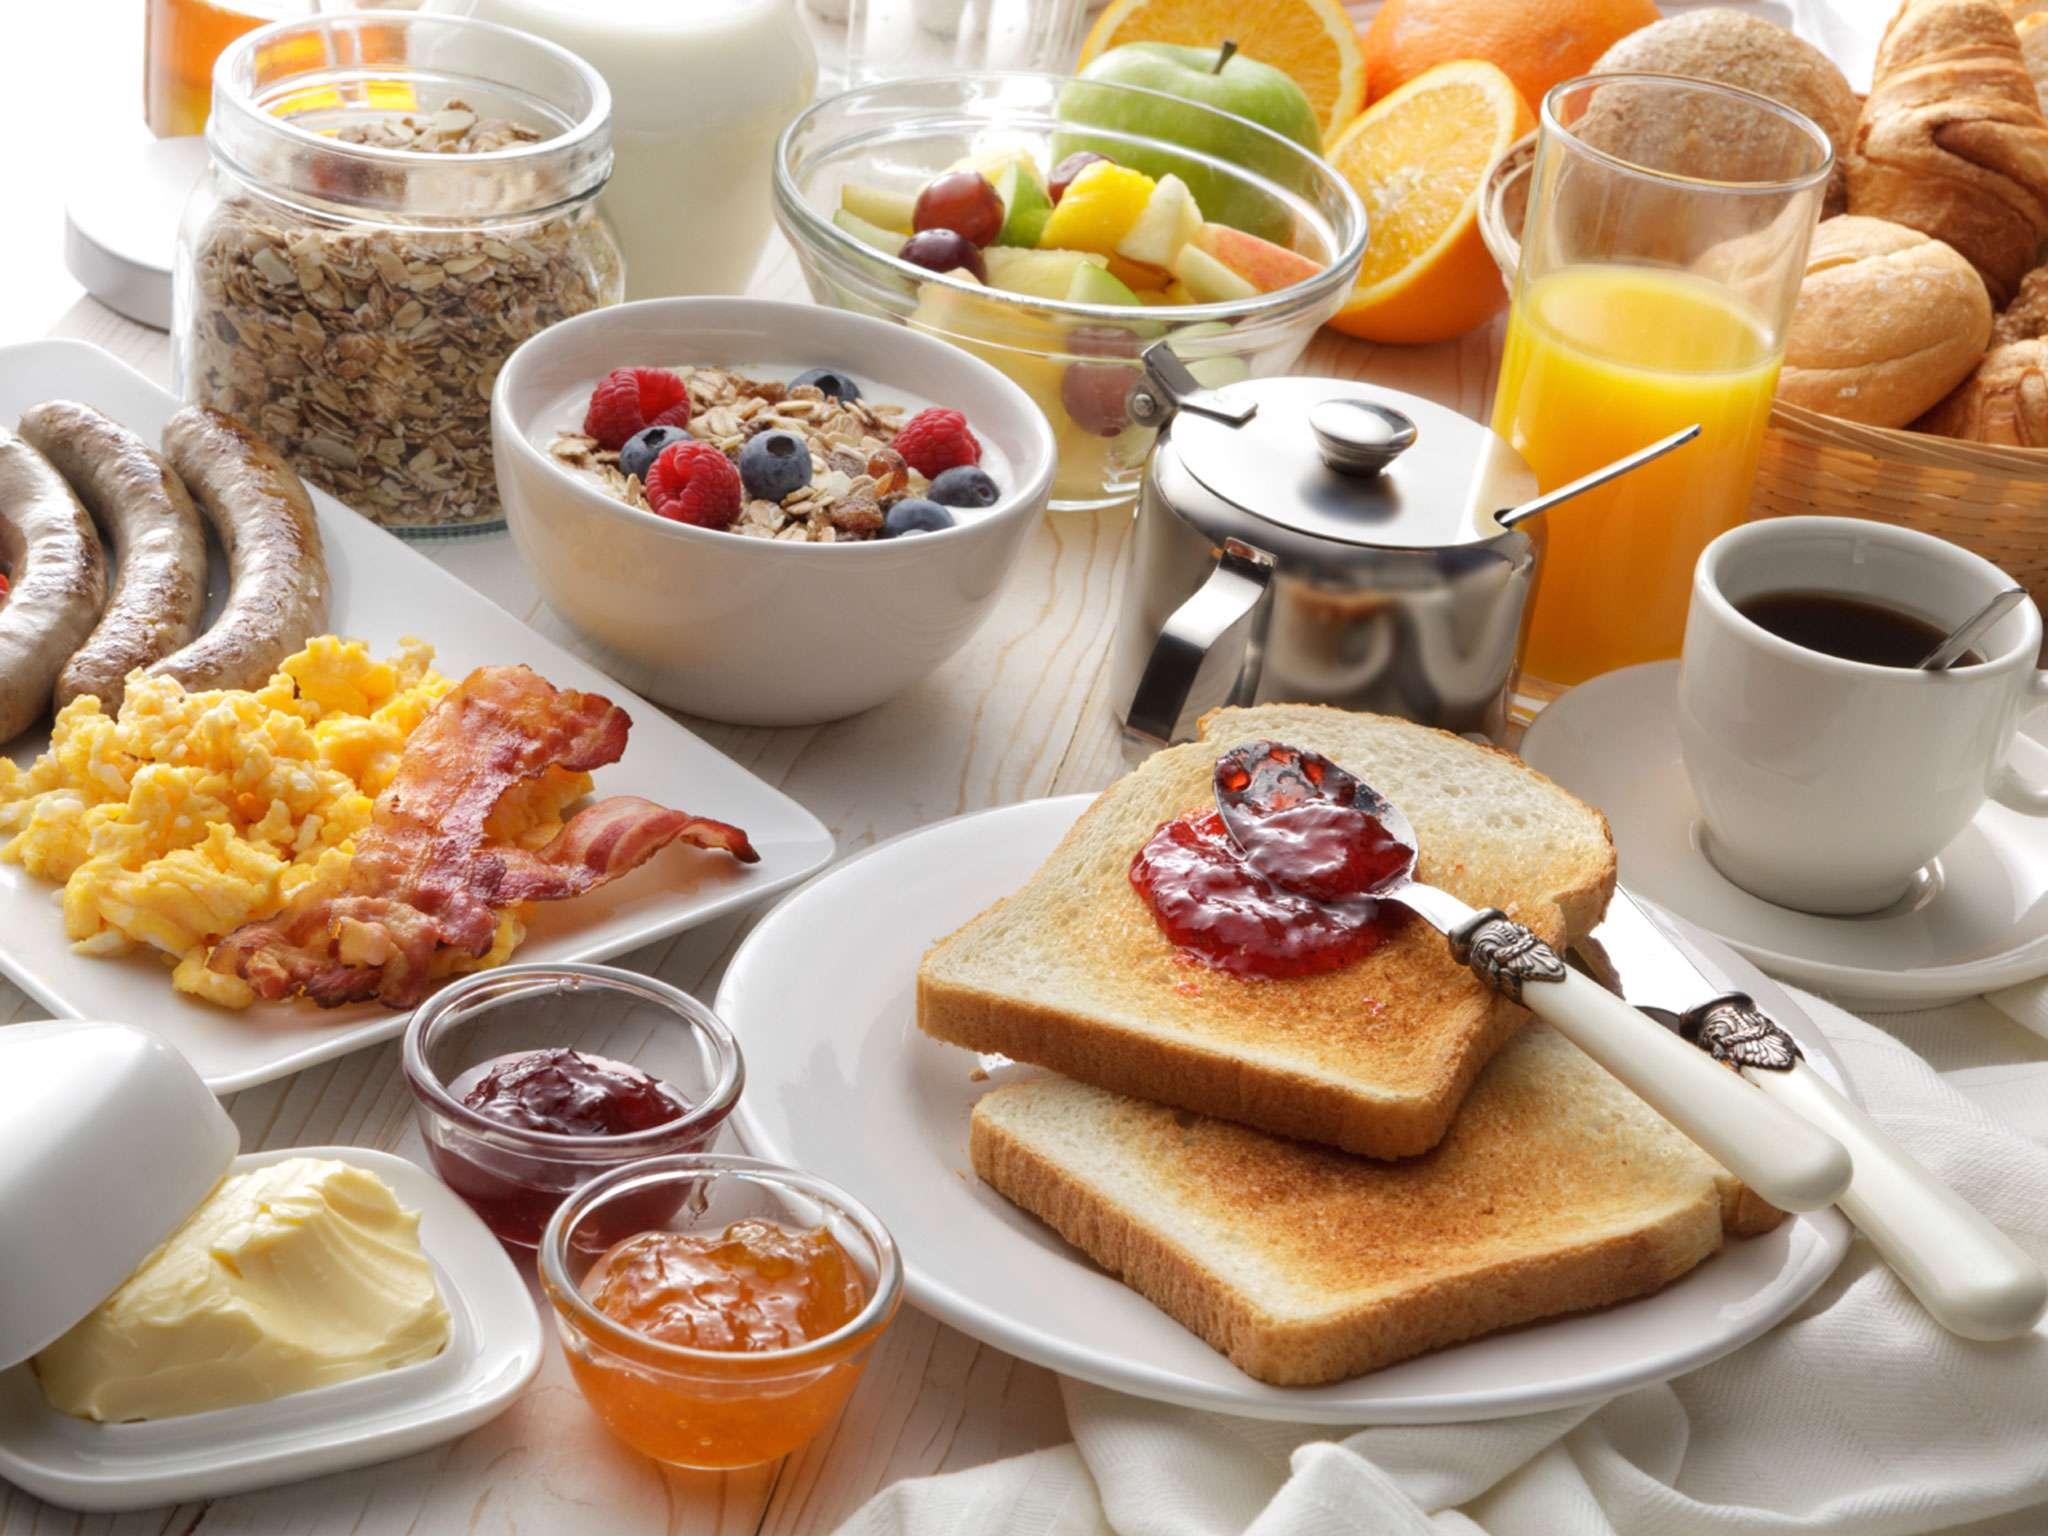 صبحانهف میز صبحانهف چیدمان، زیبایی، رومیزی، فوت و فن ، اموزش و کاردستی